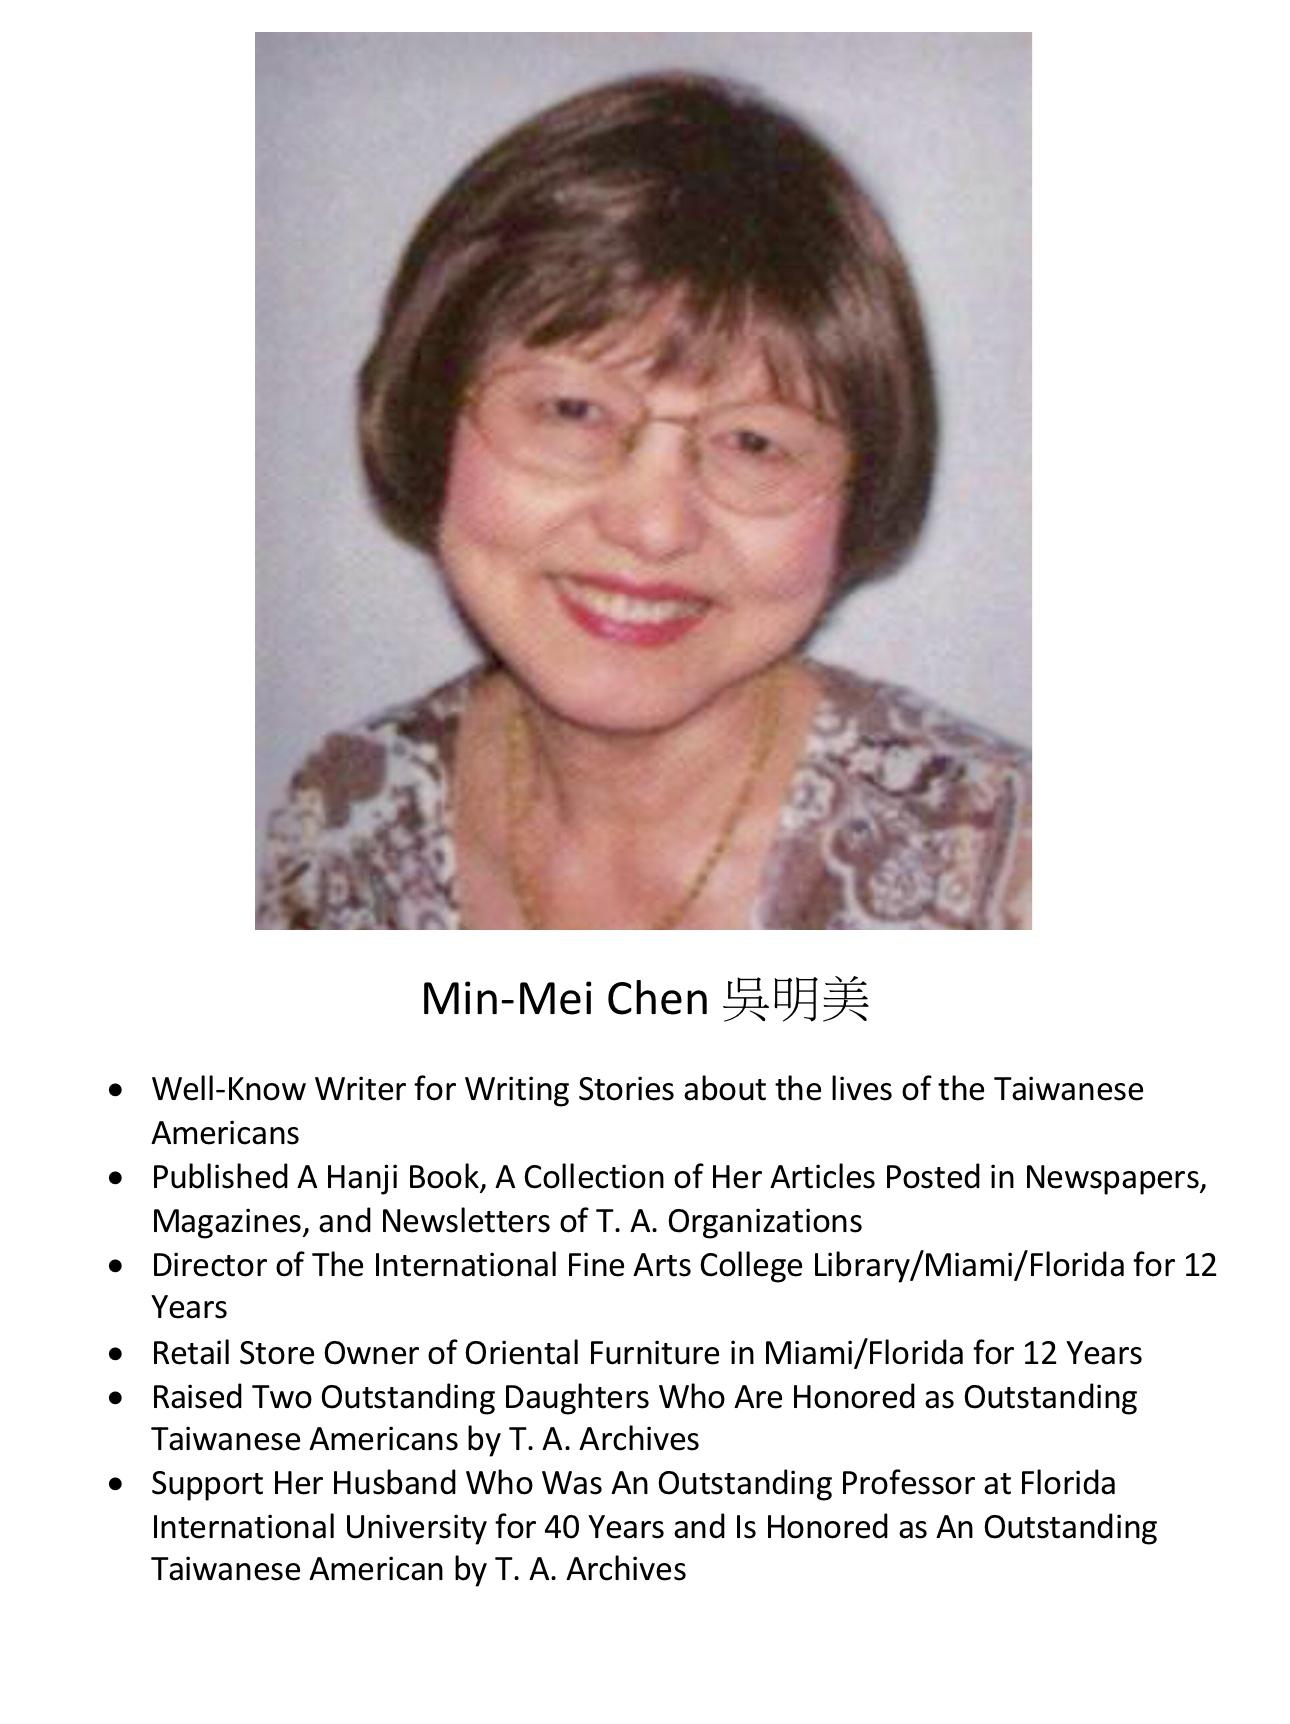 268. Min-Mei Chen 吳明美